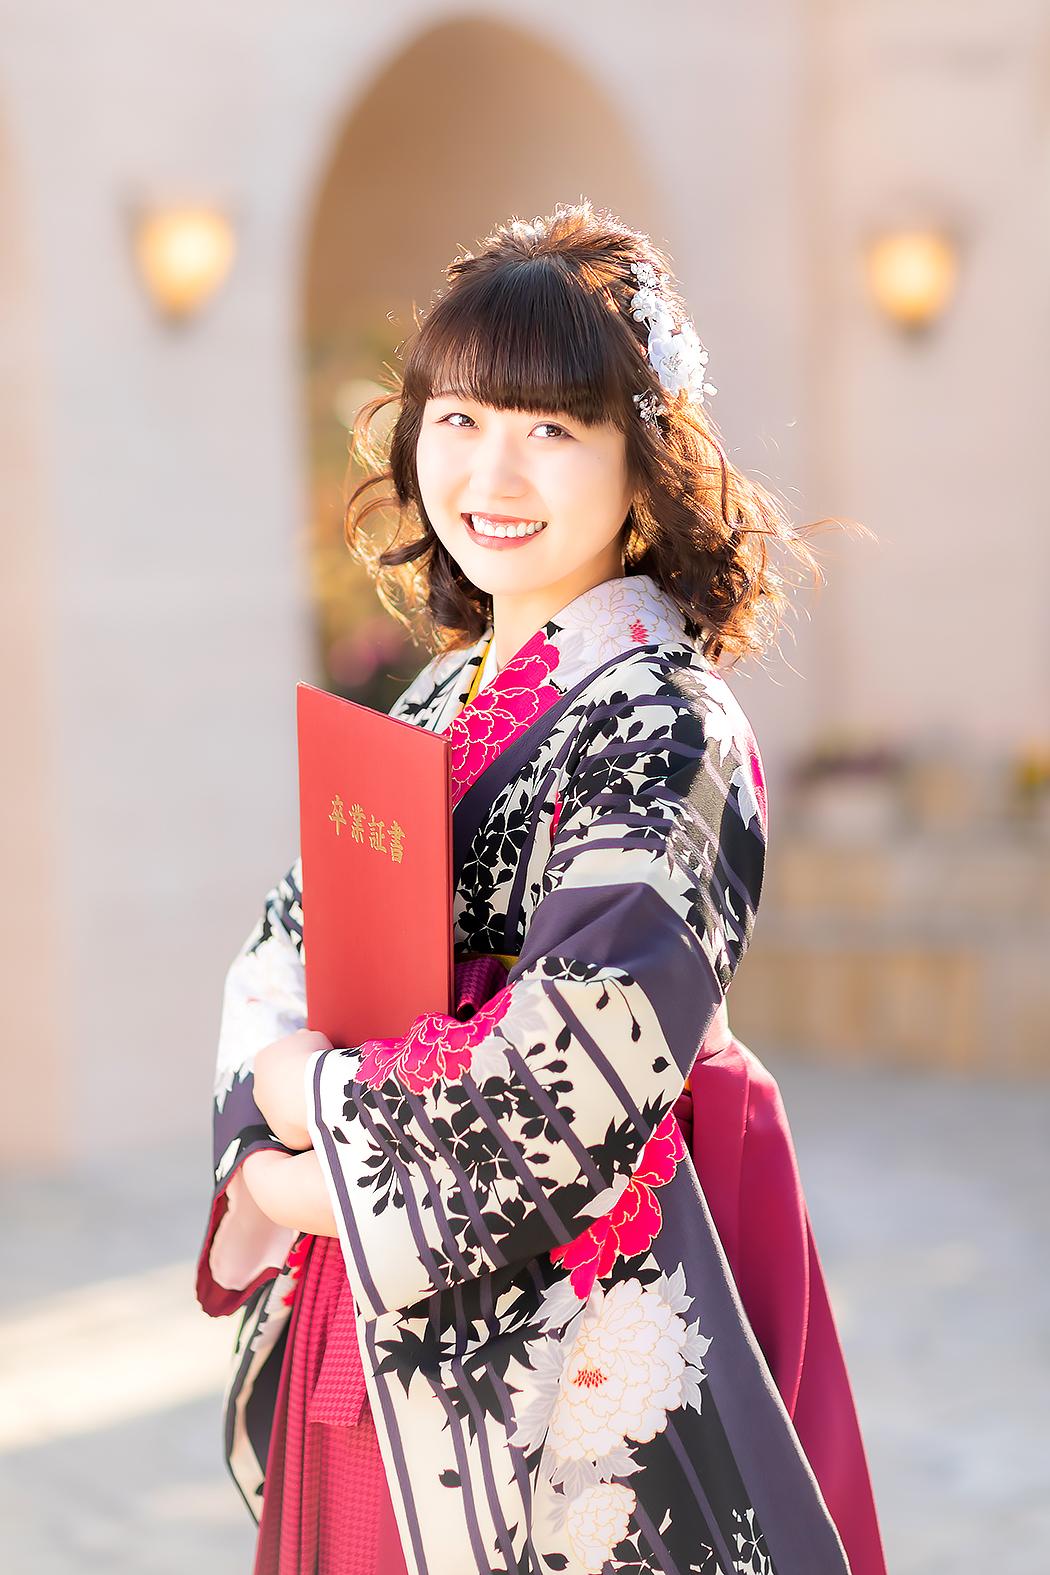 袴,卒業,卒業袴,卒業式